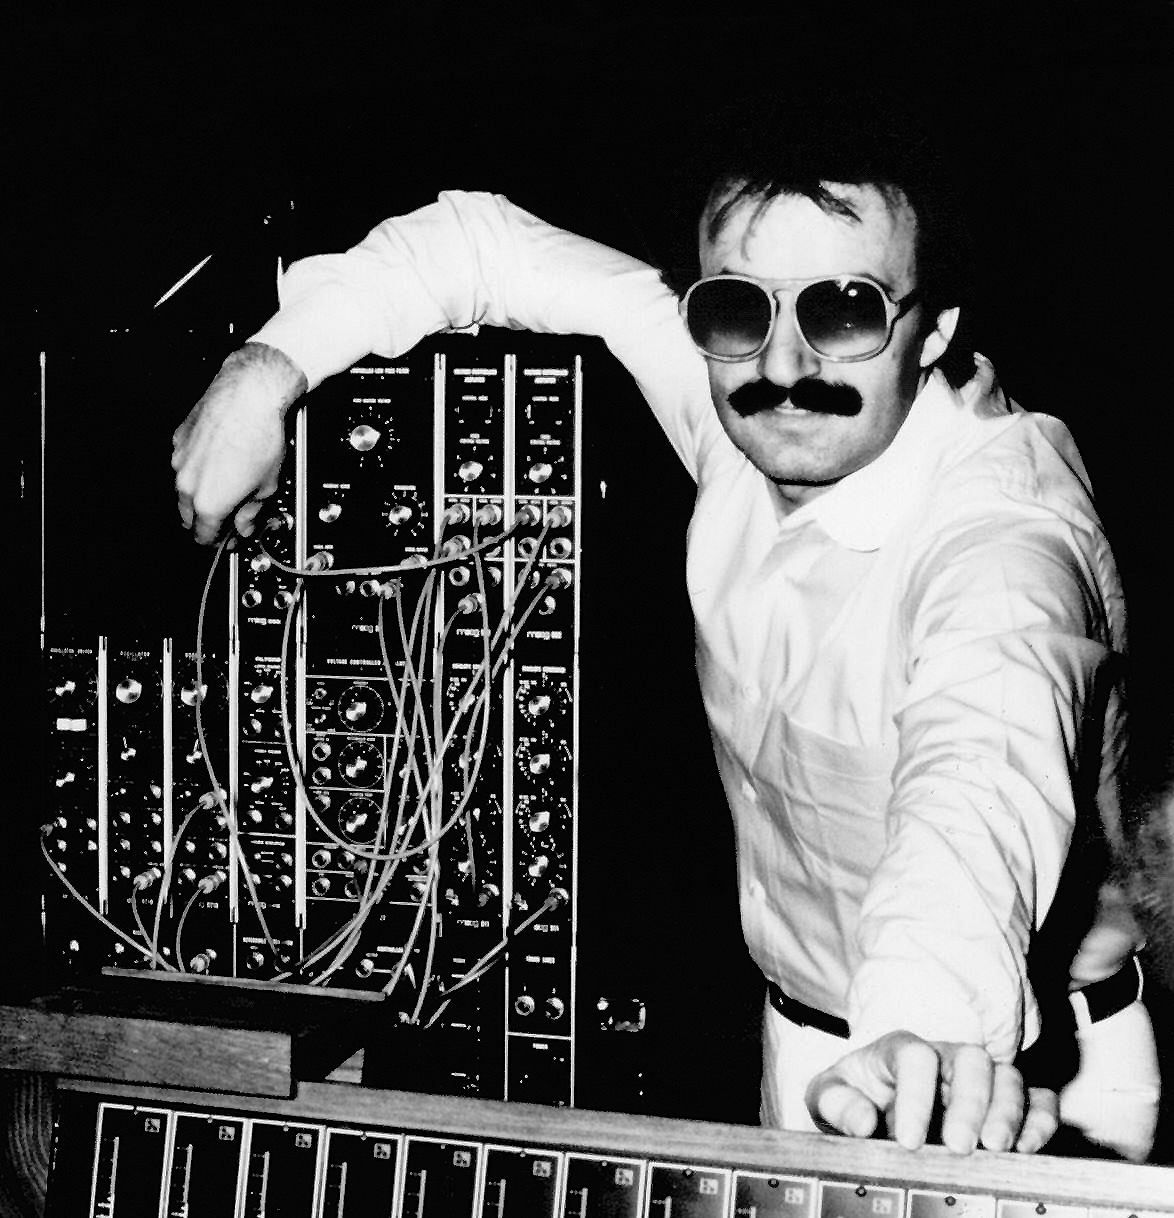 Giorgio Moroder #ThrowbackThursday Giorgio in the studio (1979)